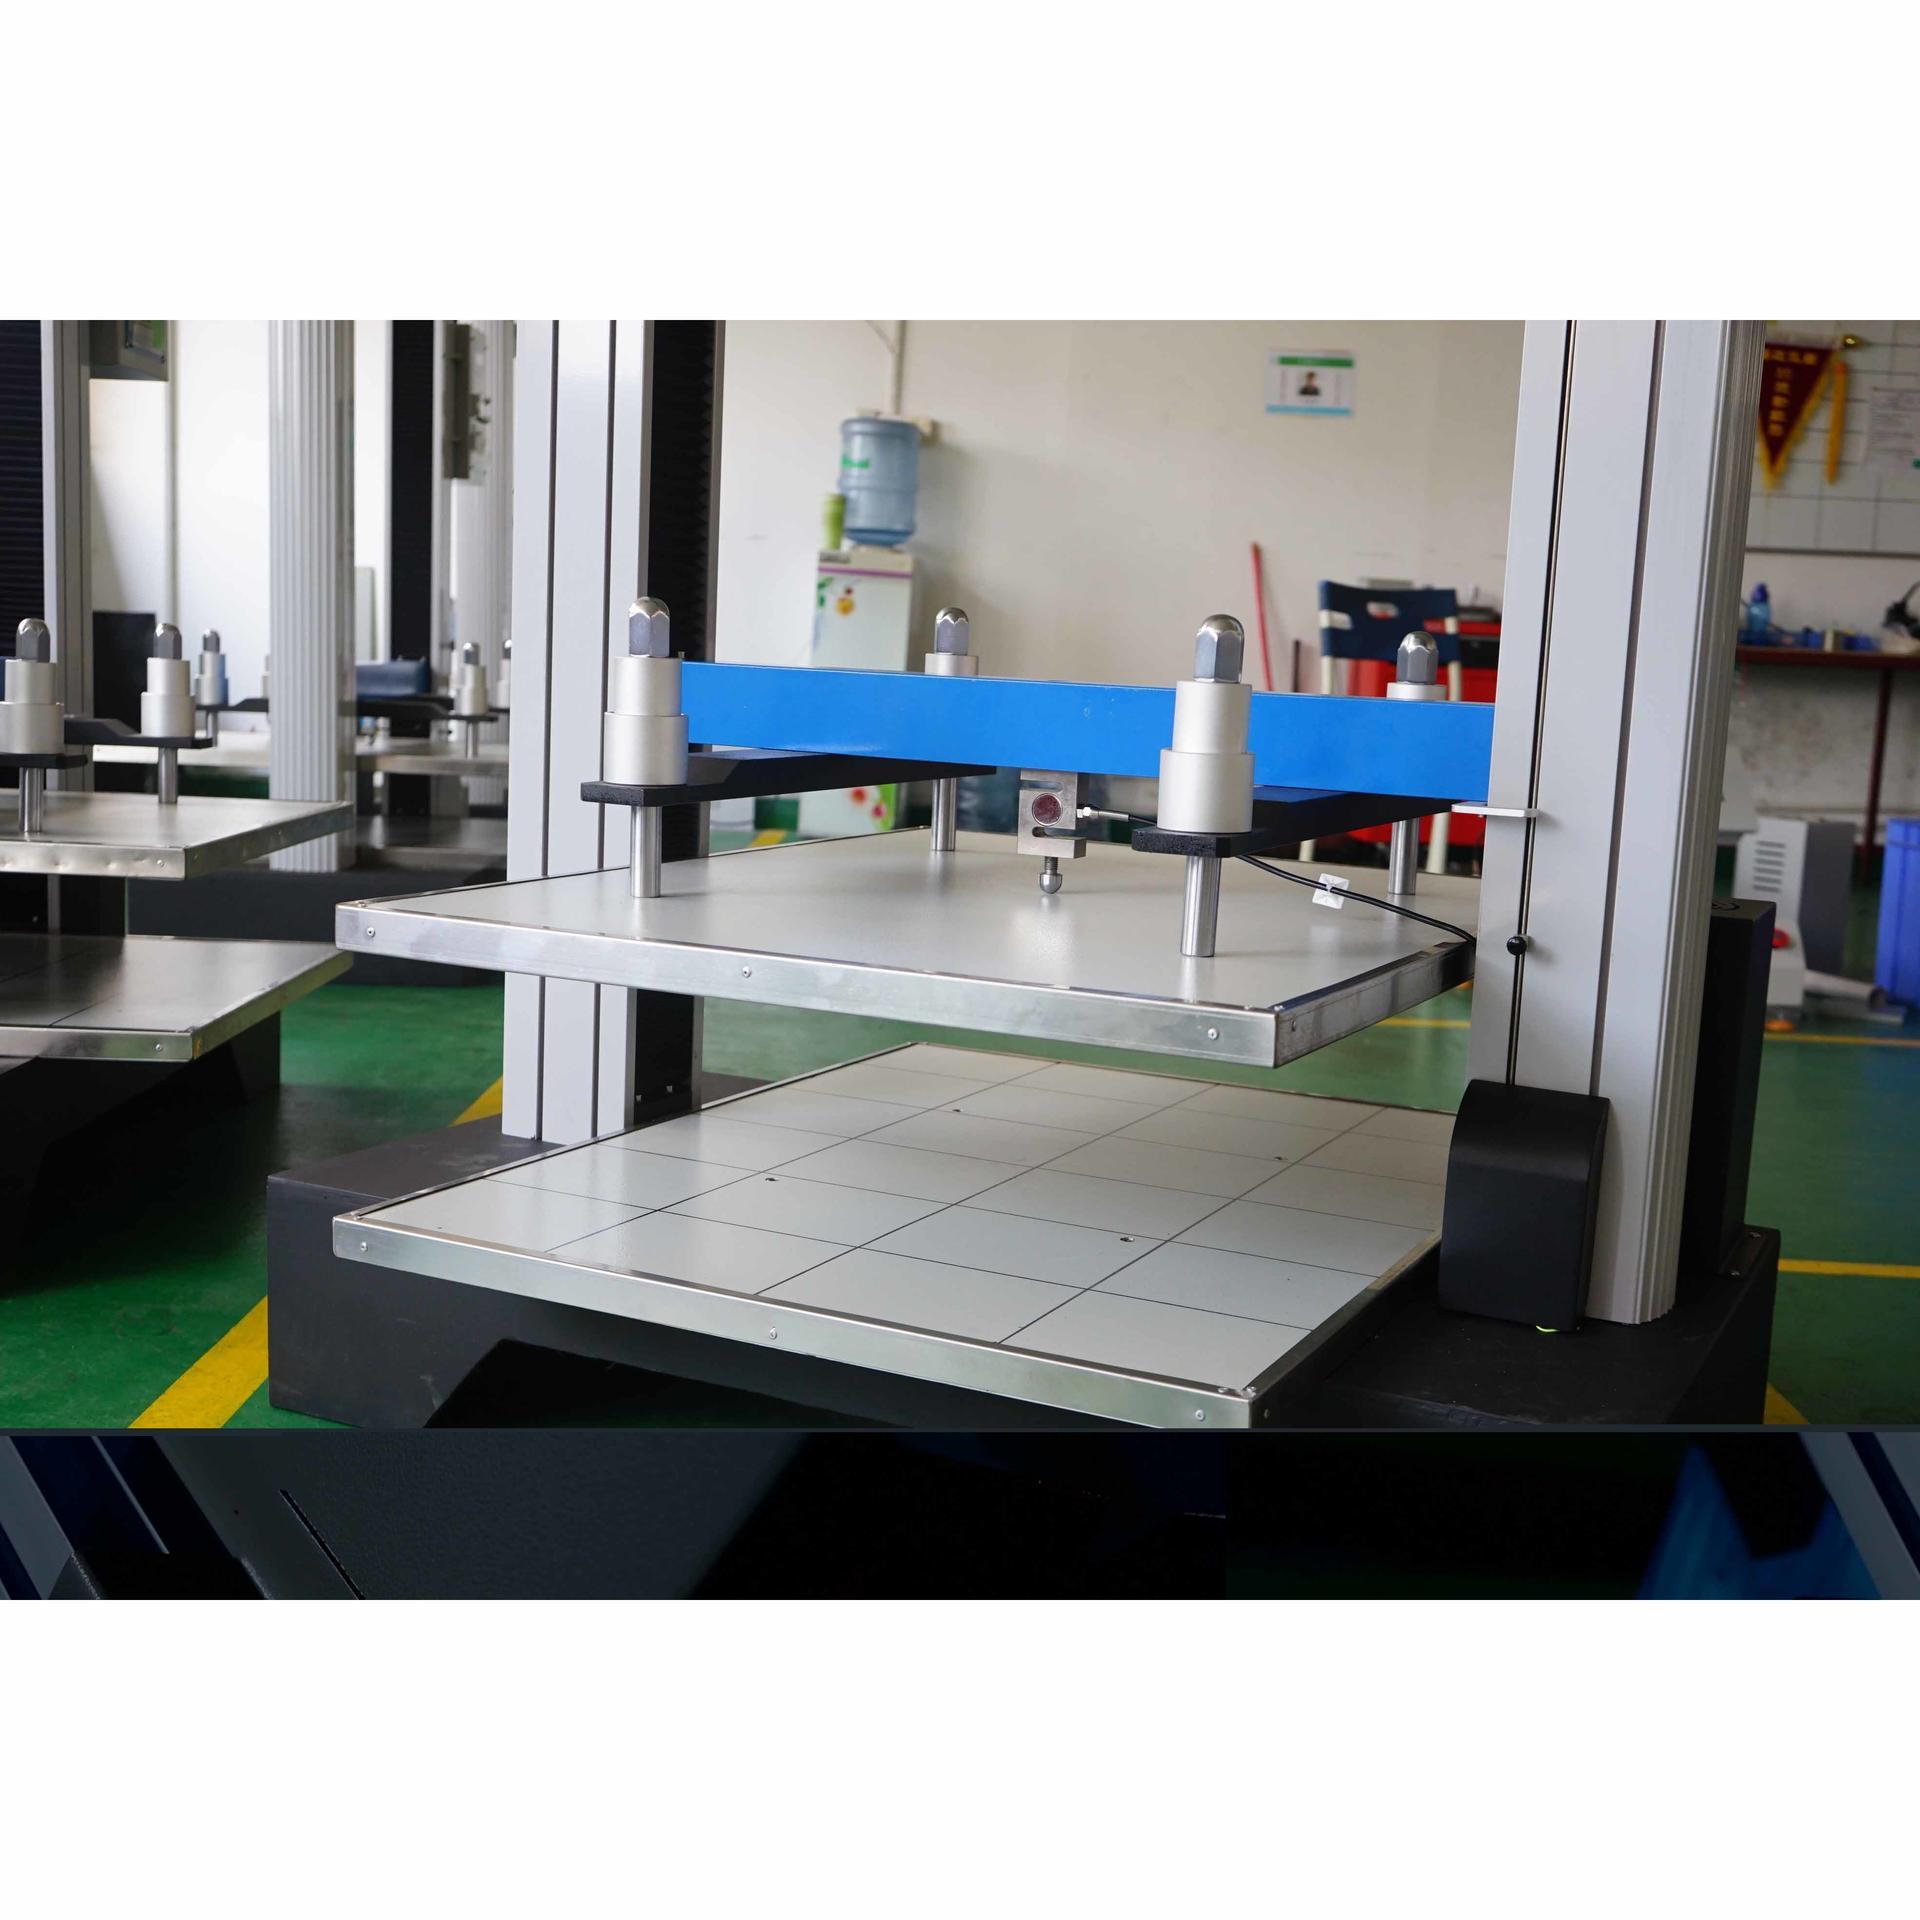 Carton compressive tester